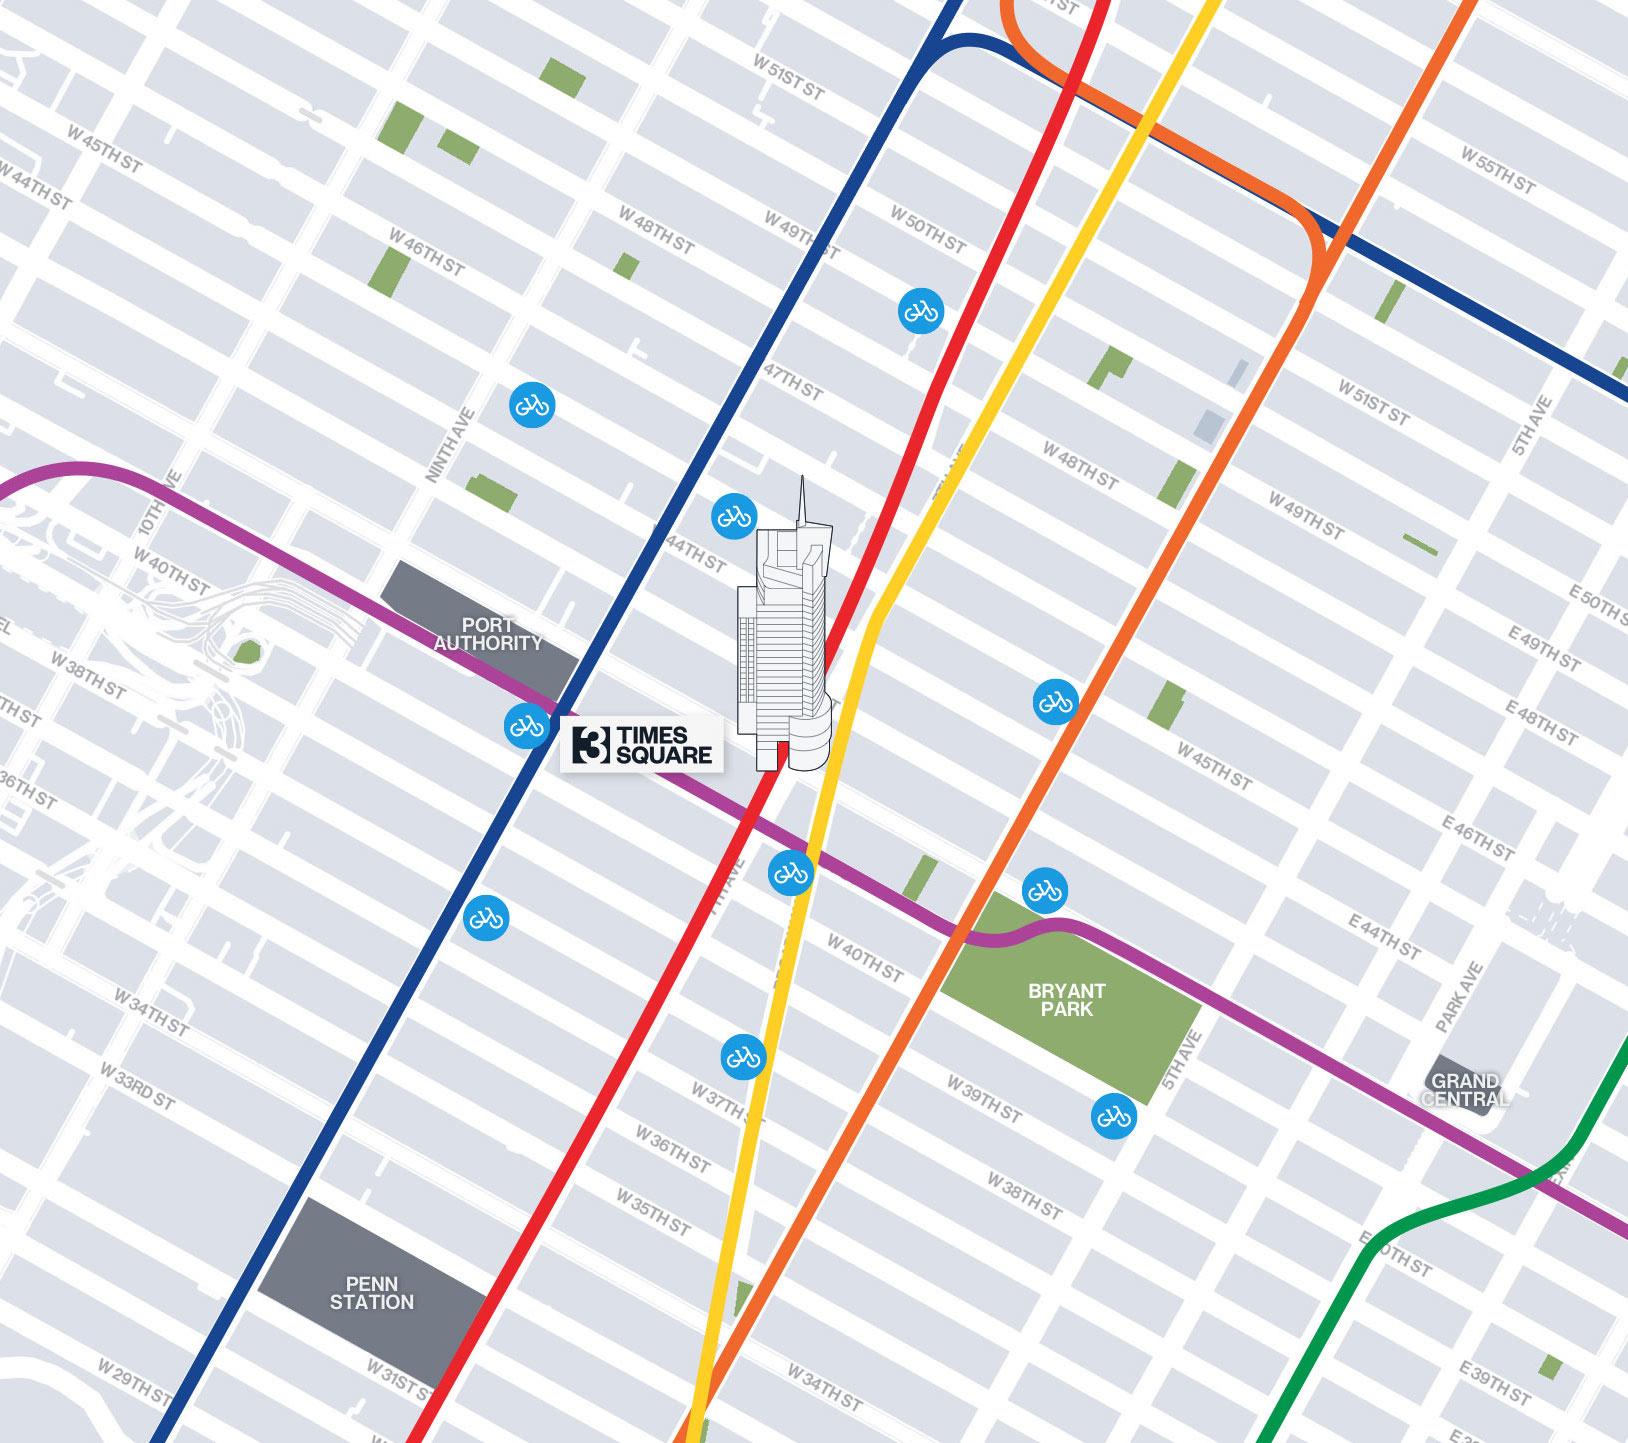 transportation map - 3 Times Square